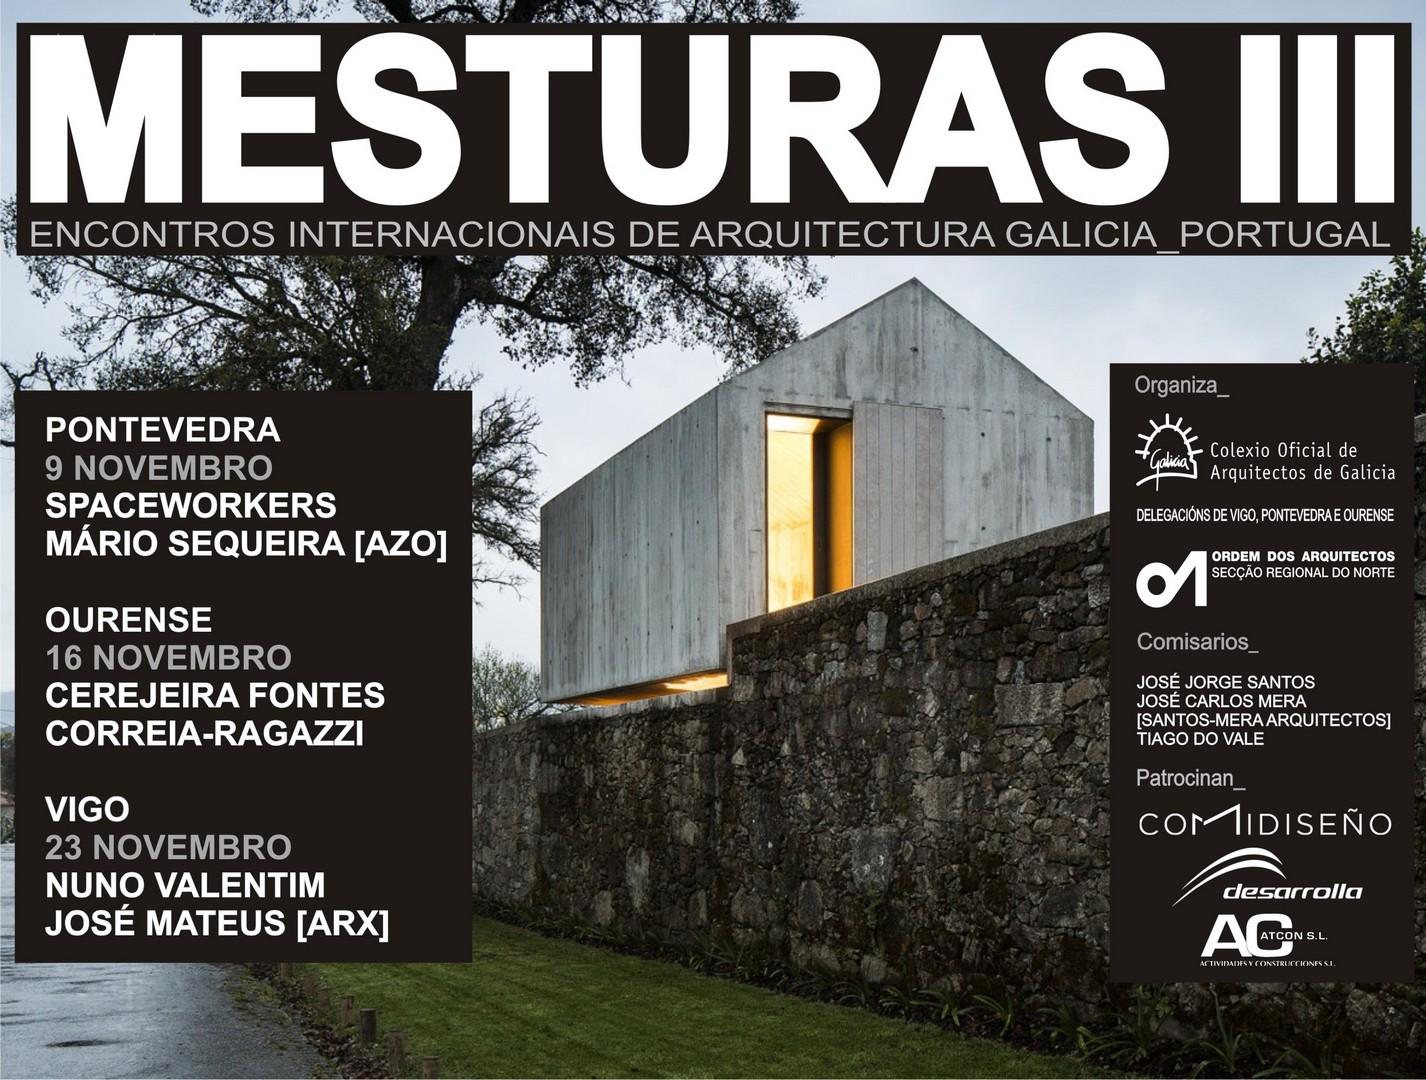 Encontros Internacionais De Arquitectura Galicia_Portugal